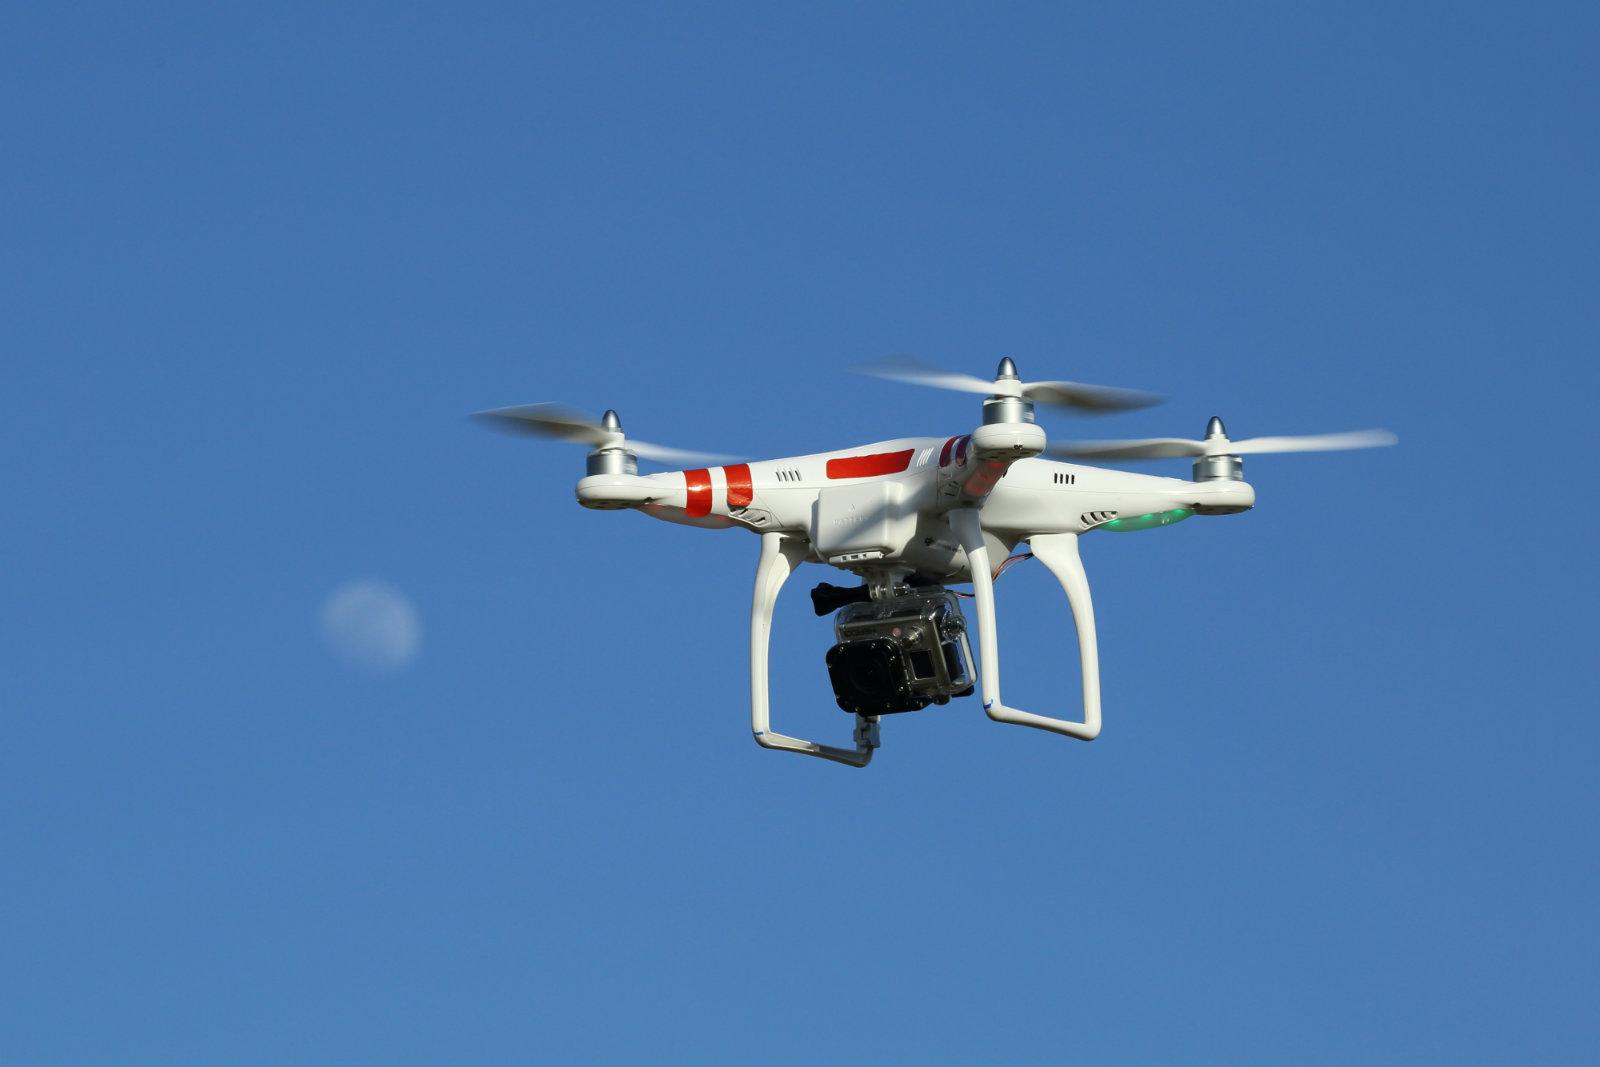 DGAC : Une notice d'utilisation pour les drones